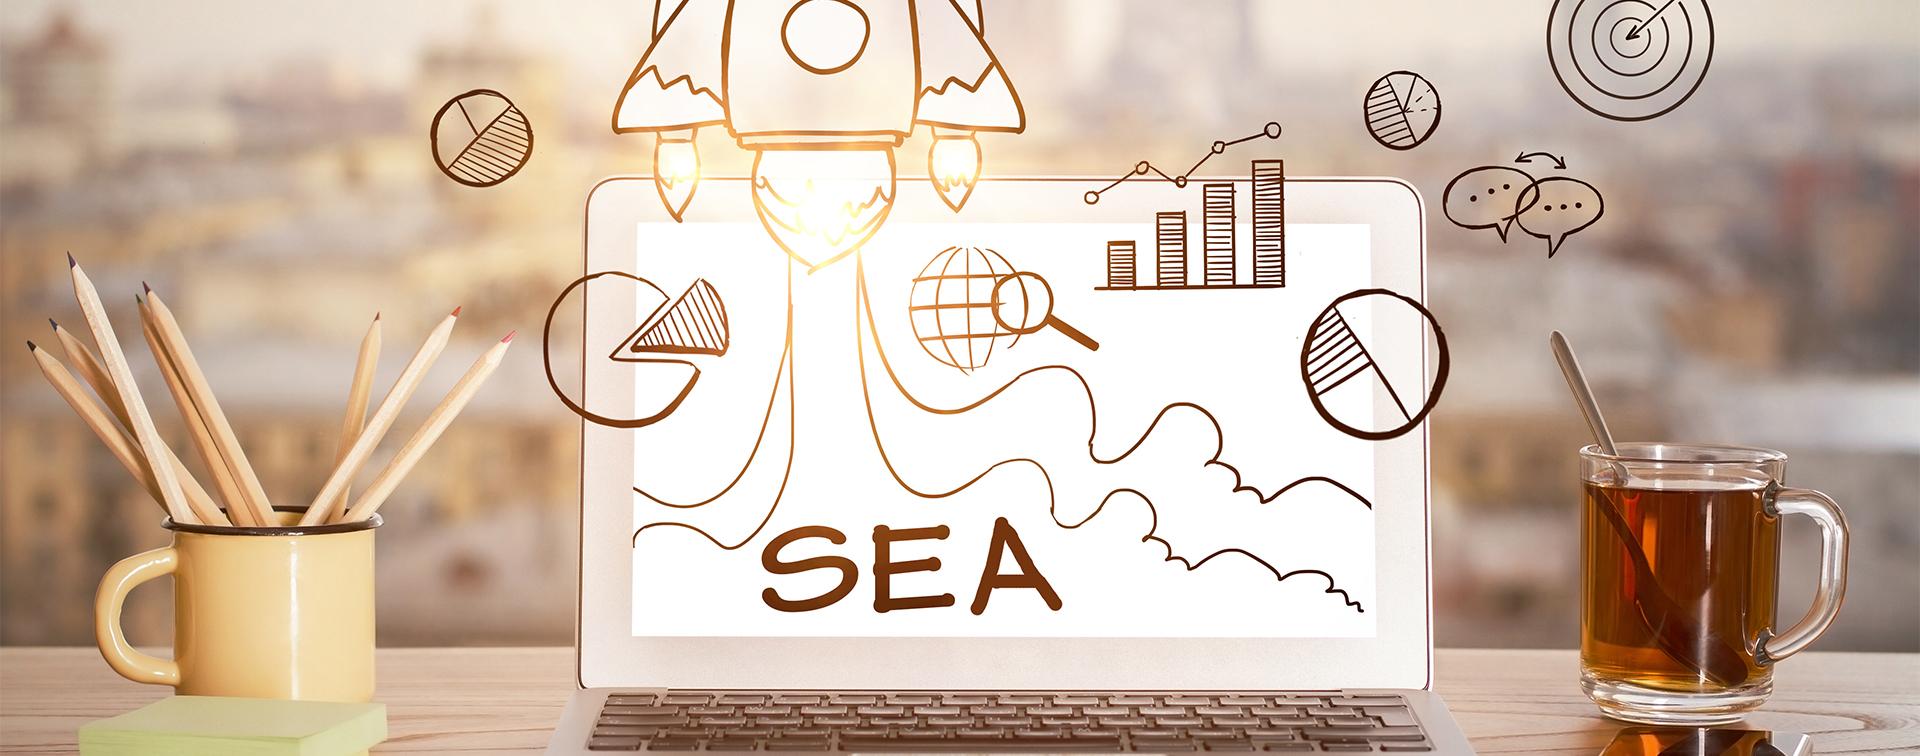 SEA, le référencement payant || Les quatre raisons d'opter pour le référencement payant